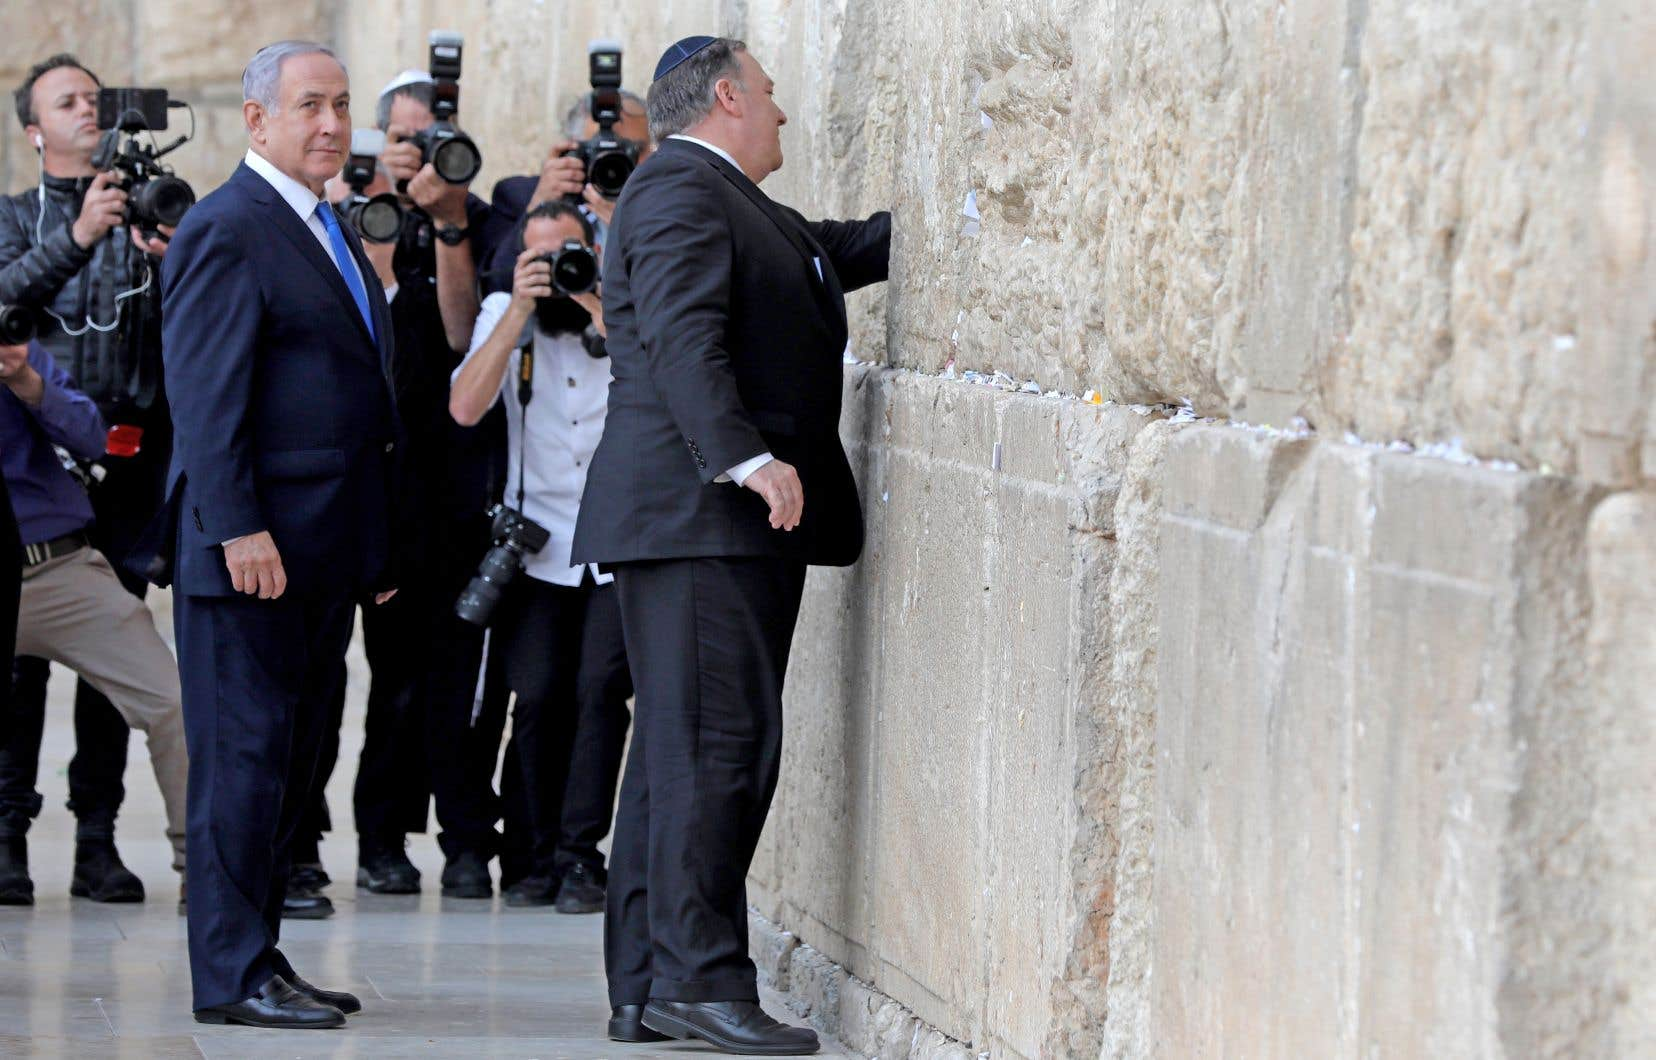 Le secrétaire d'État américain, Mike Pompeo (à droite), s'est rendu au mur des Lamentations à Jérusalem avec le premier ministre israélien, Benjamin Nétanyahou.